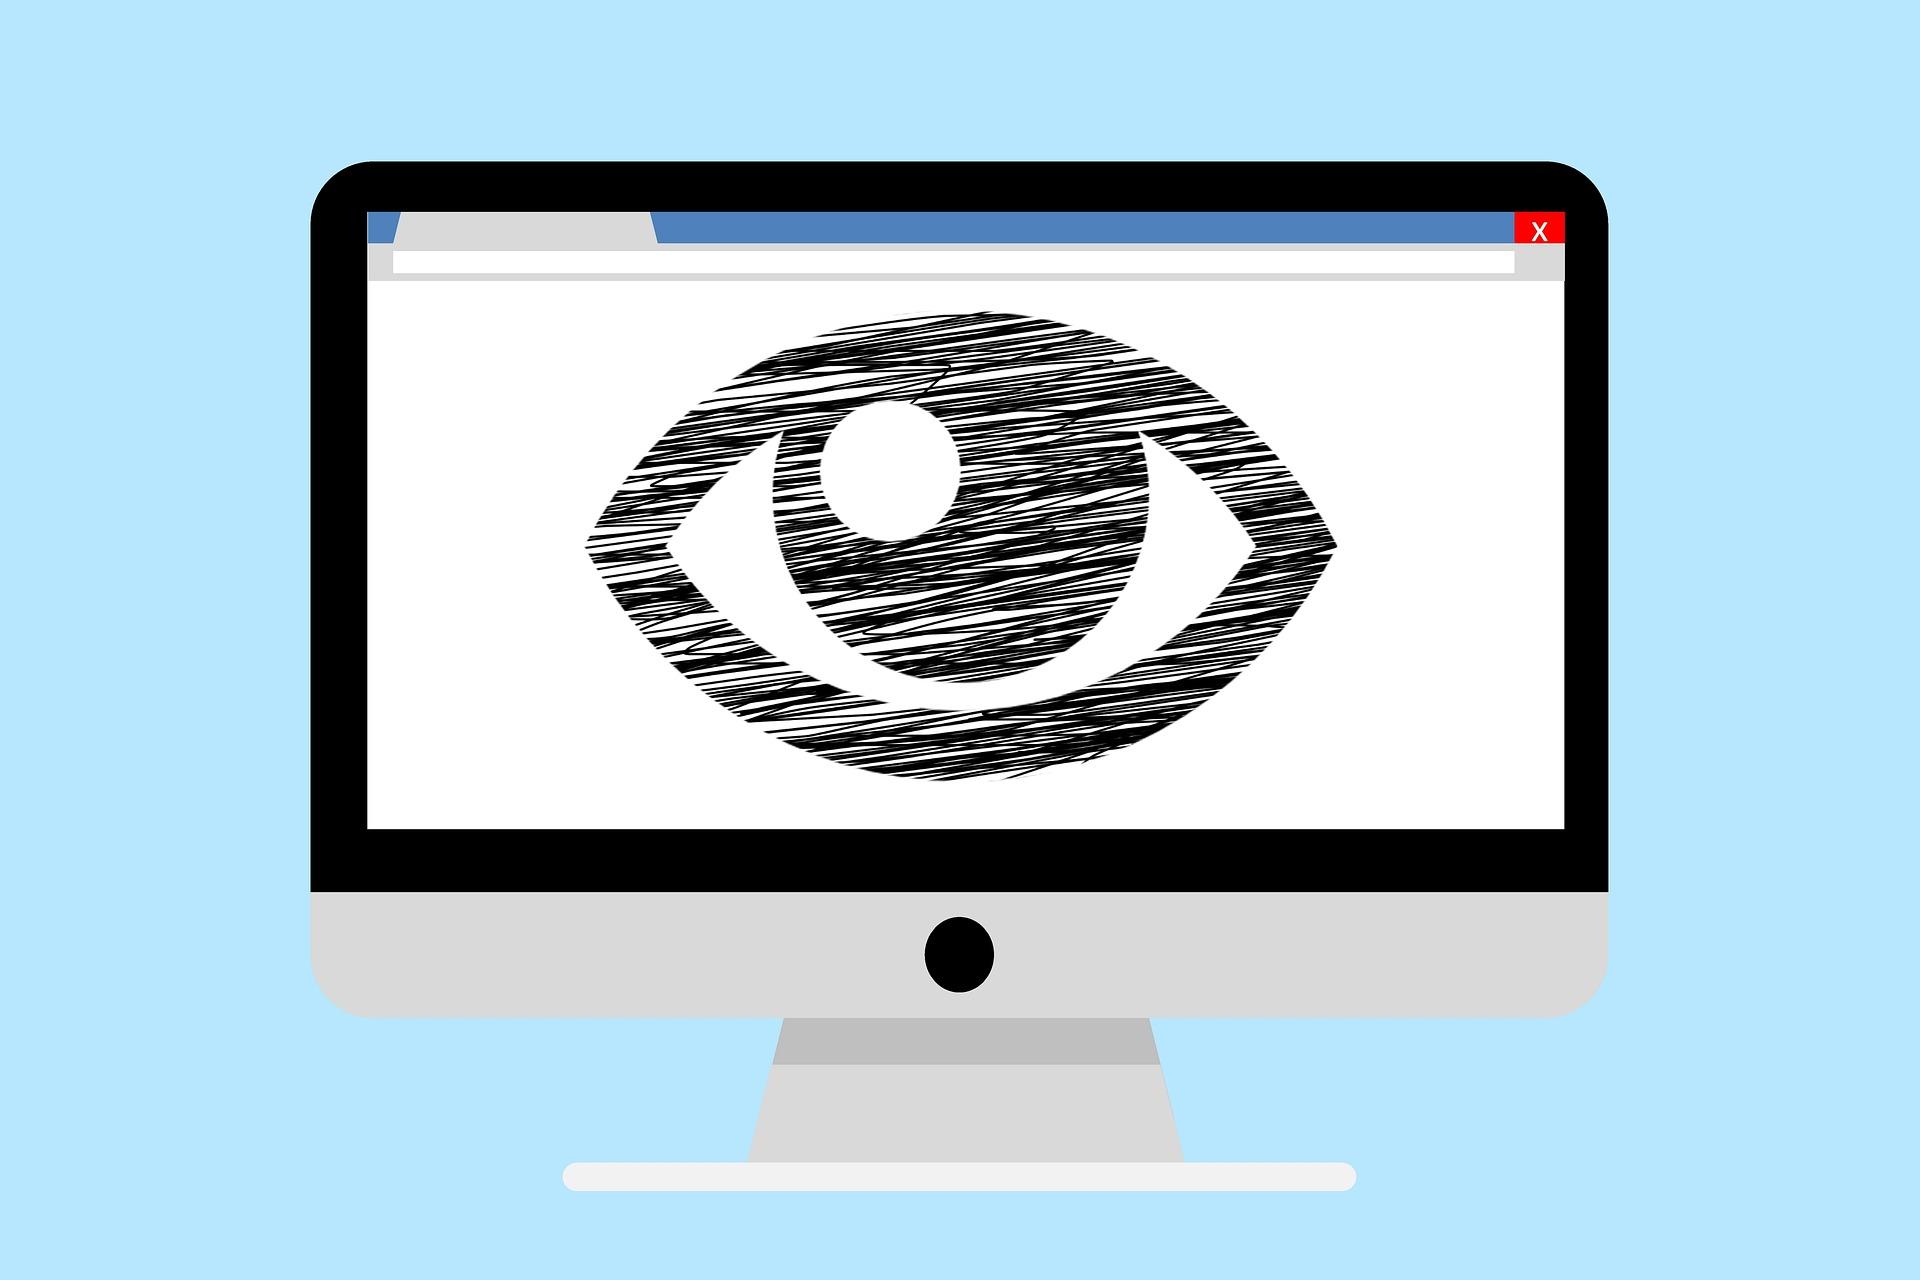 surveillance-3351758_19201